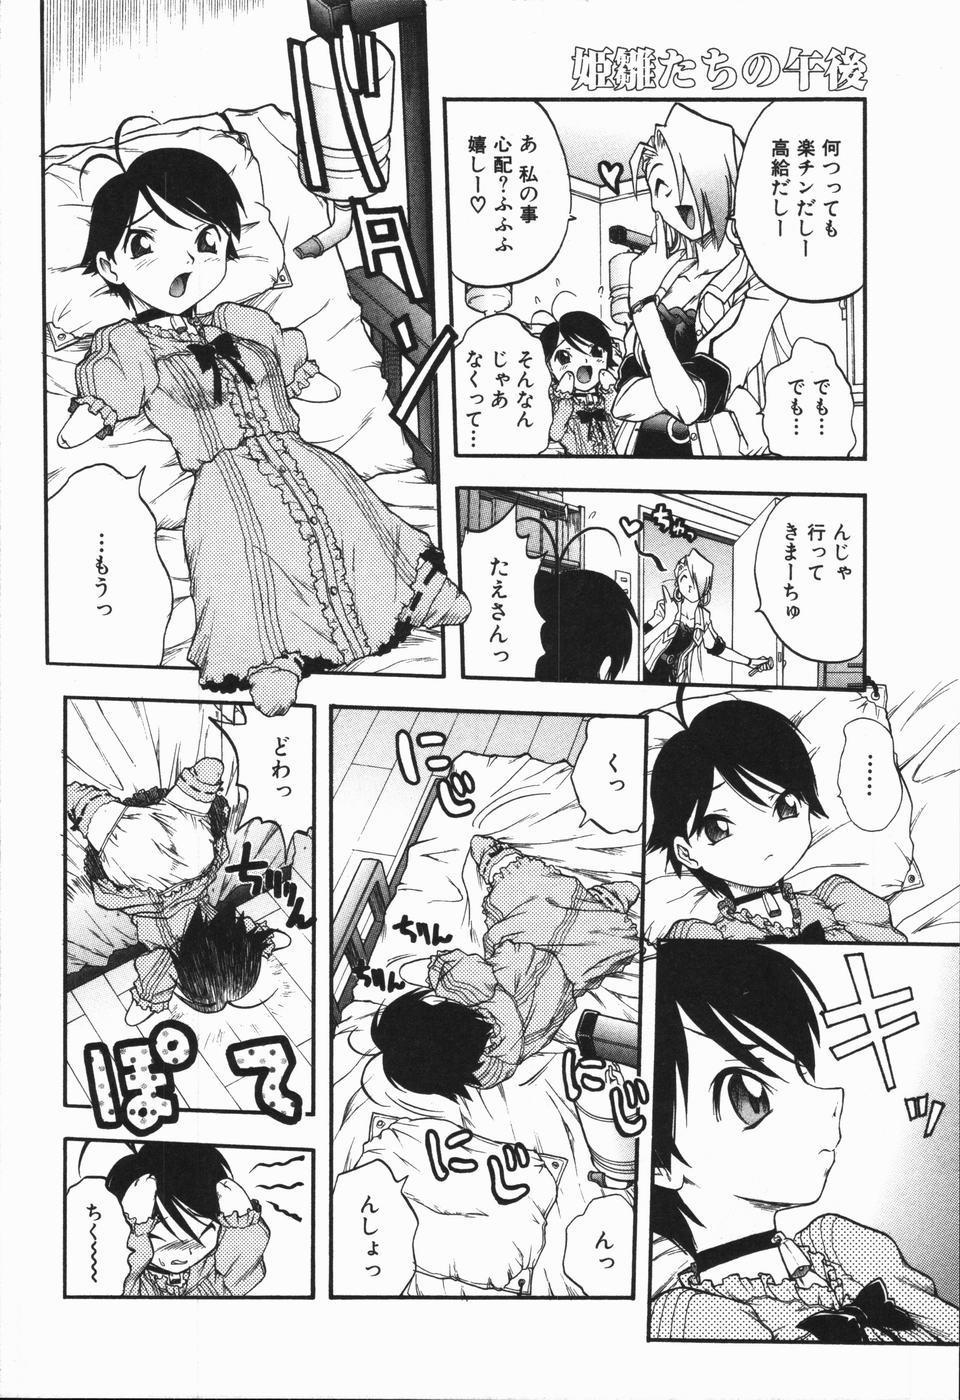 [Oka Sundome] Mebina-tachi no Gogo | -Maybe-na Afternoon- 117